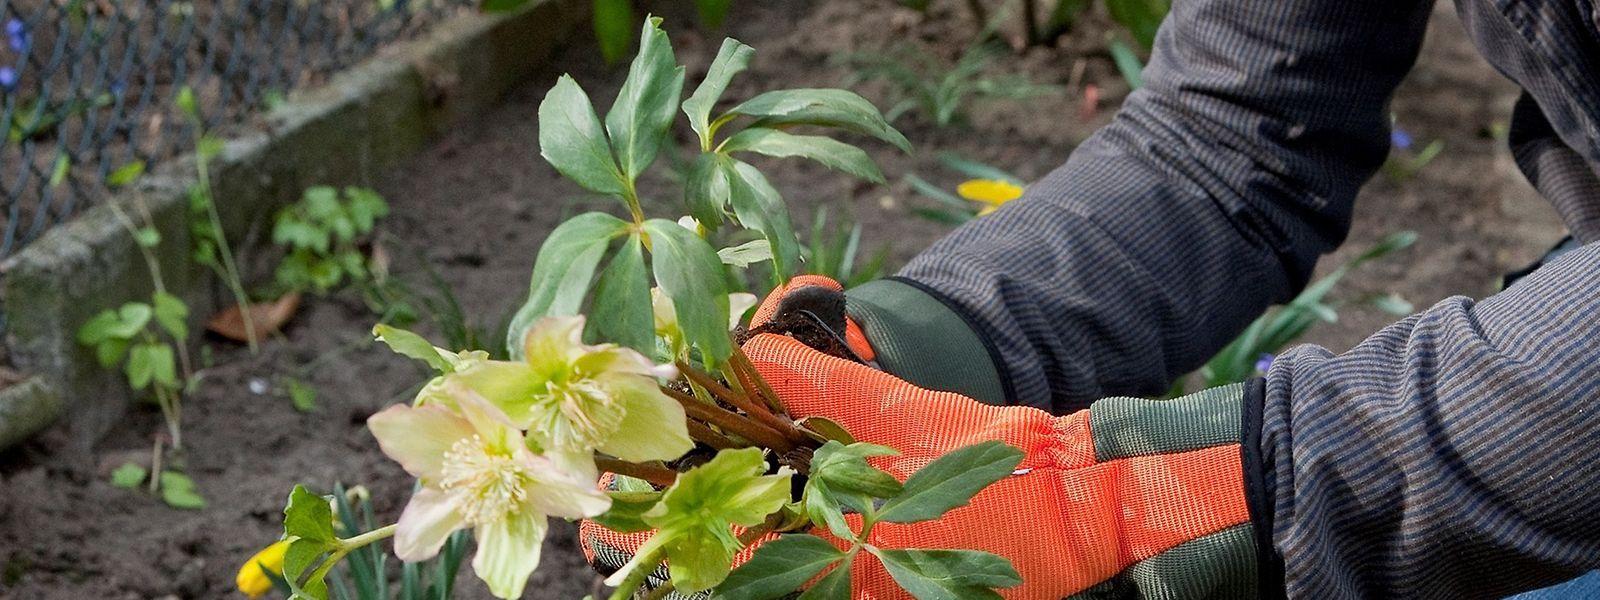 Die Christrose kann im Frühling ins Freie umziehen, wenn es draußen etwas wärmer ist. Gut ist ein Boden mit hohem Humusgehalt.